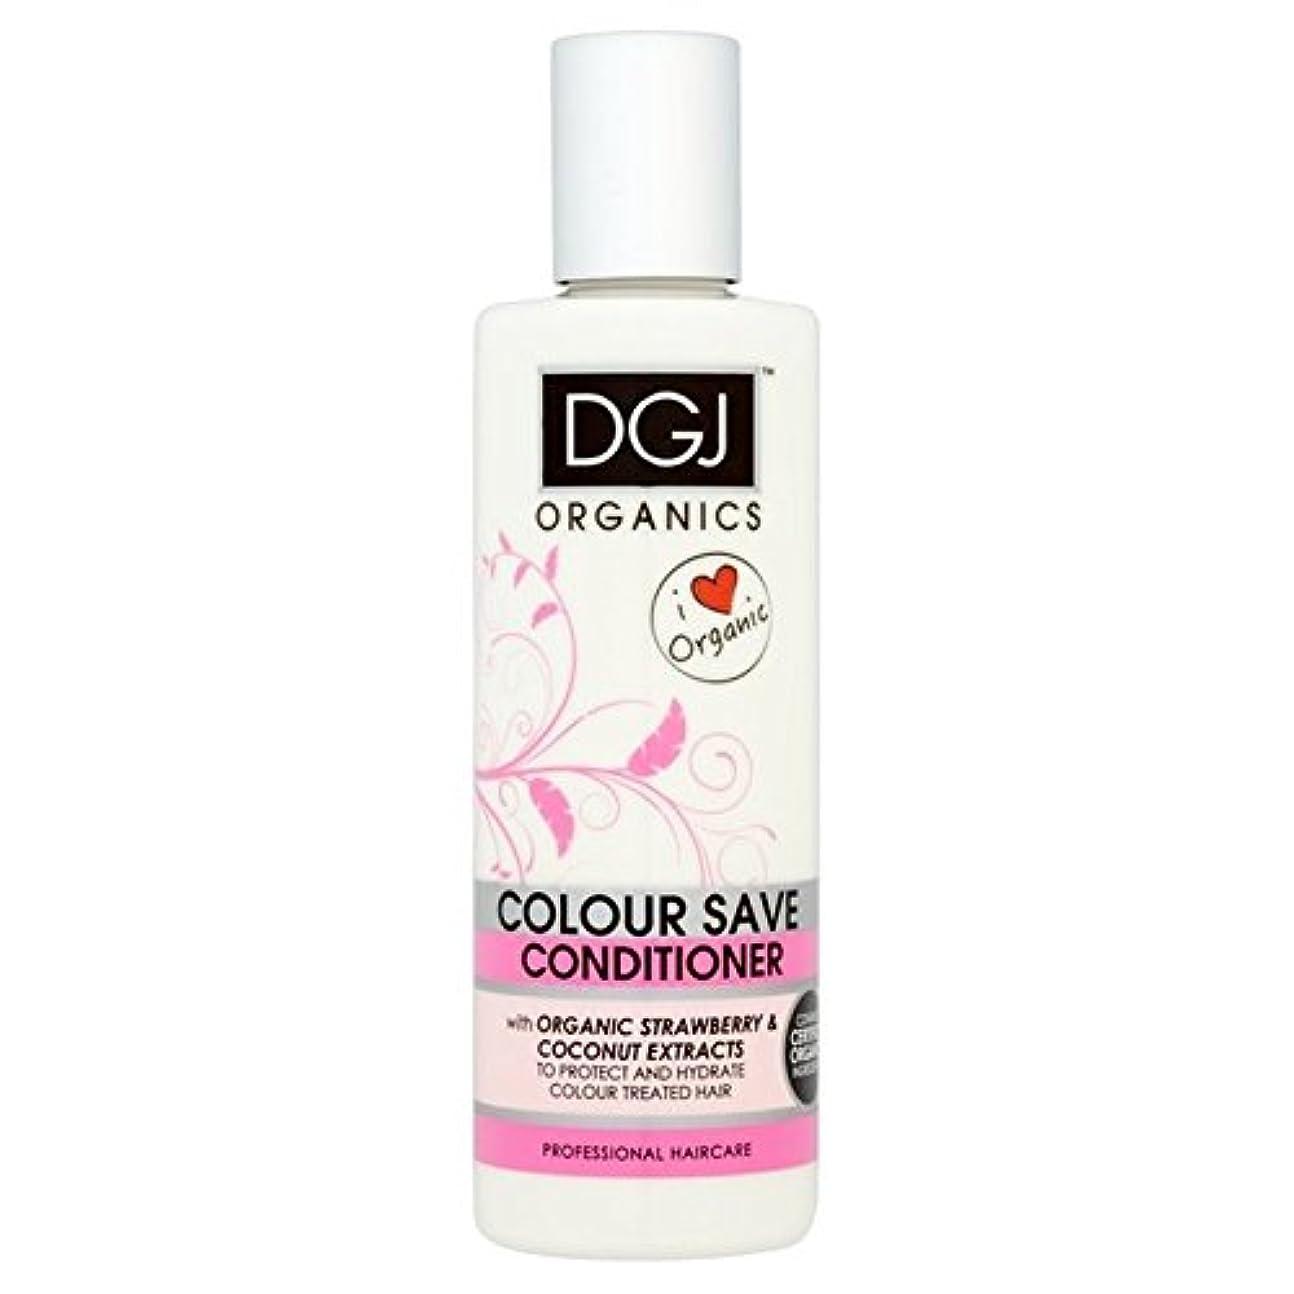 シャックル心理的最適有機物の色コンディショナー250を保存 x4 - DGJ Organics Colour Save Conditioner 250ml (Pack of 4) [並行輸入品]